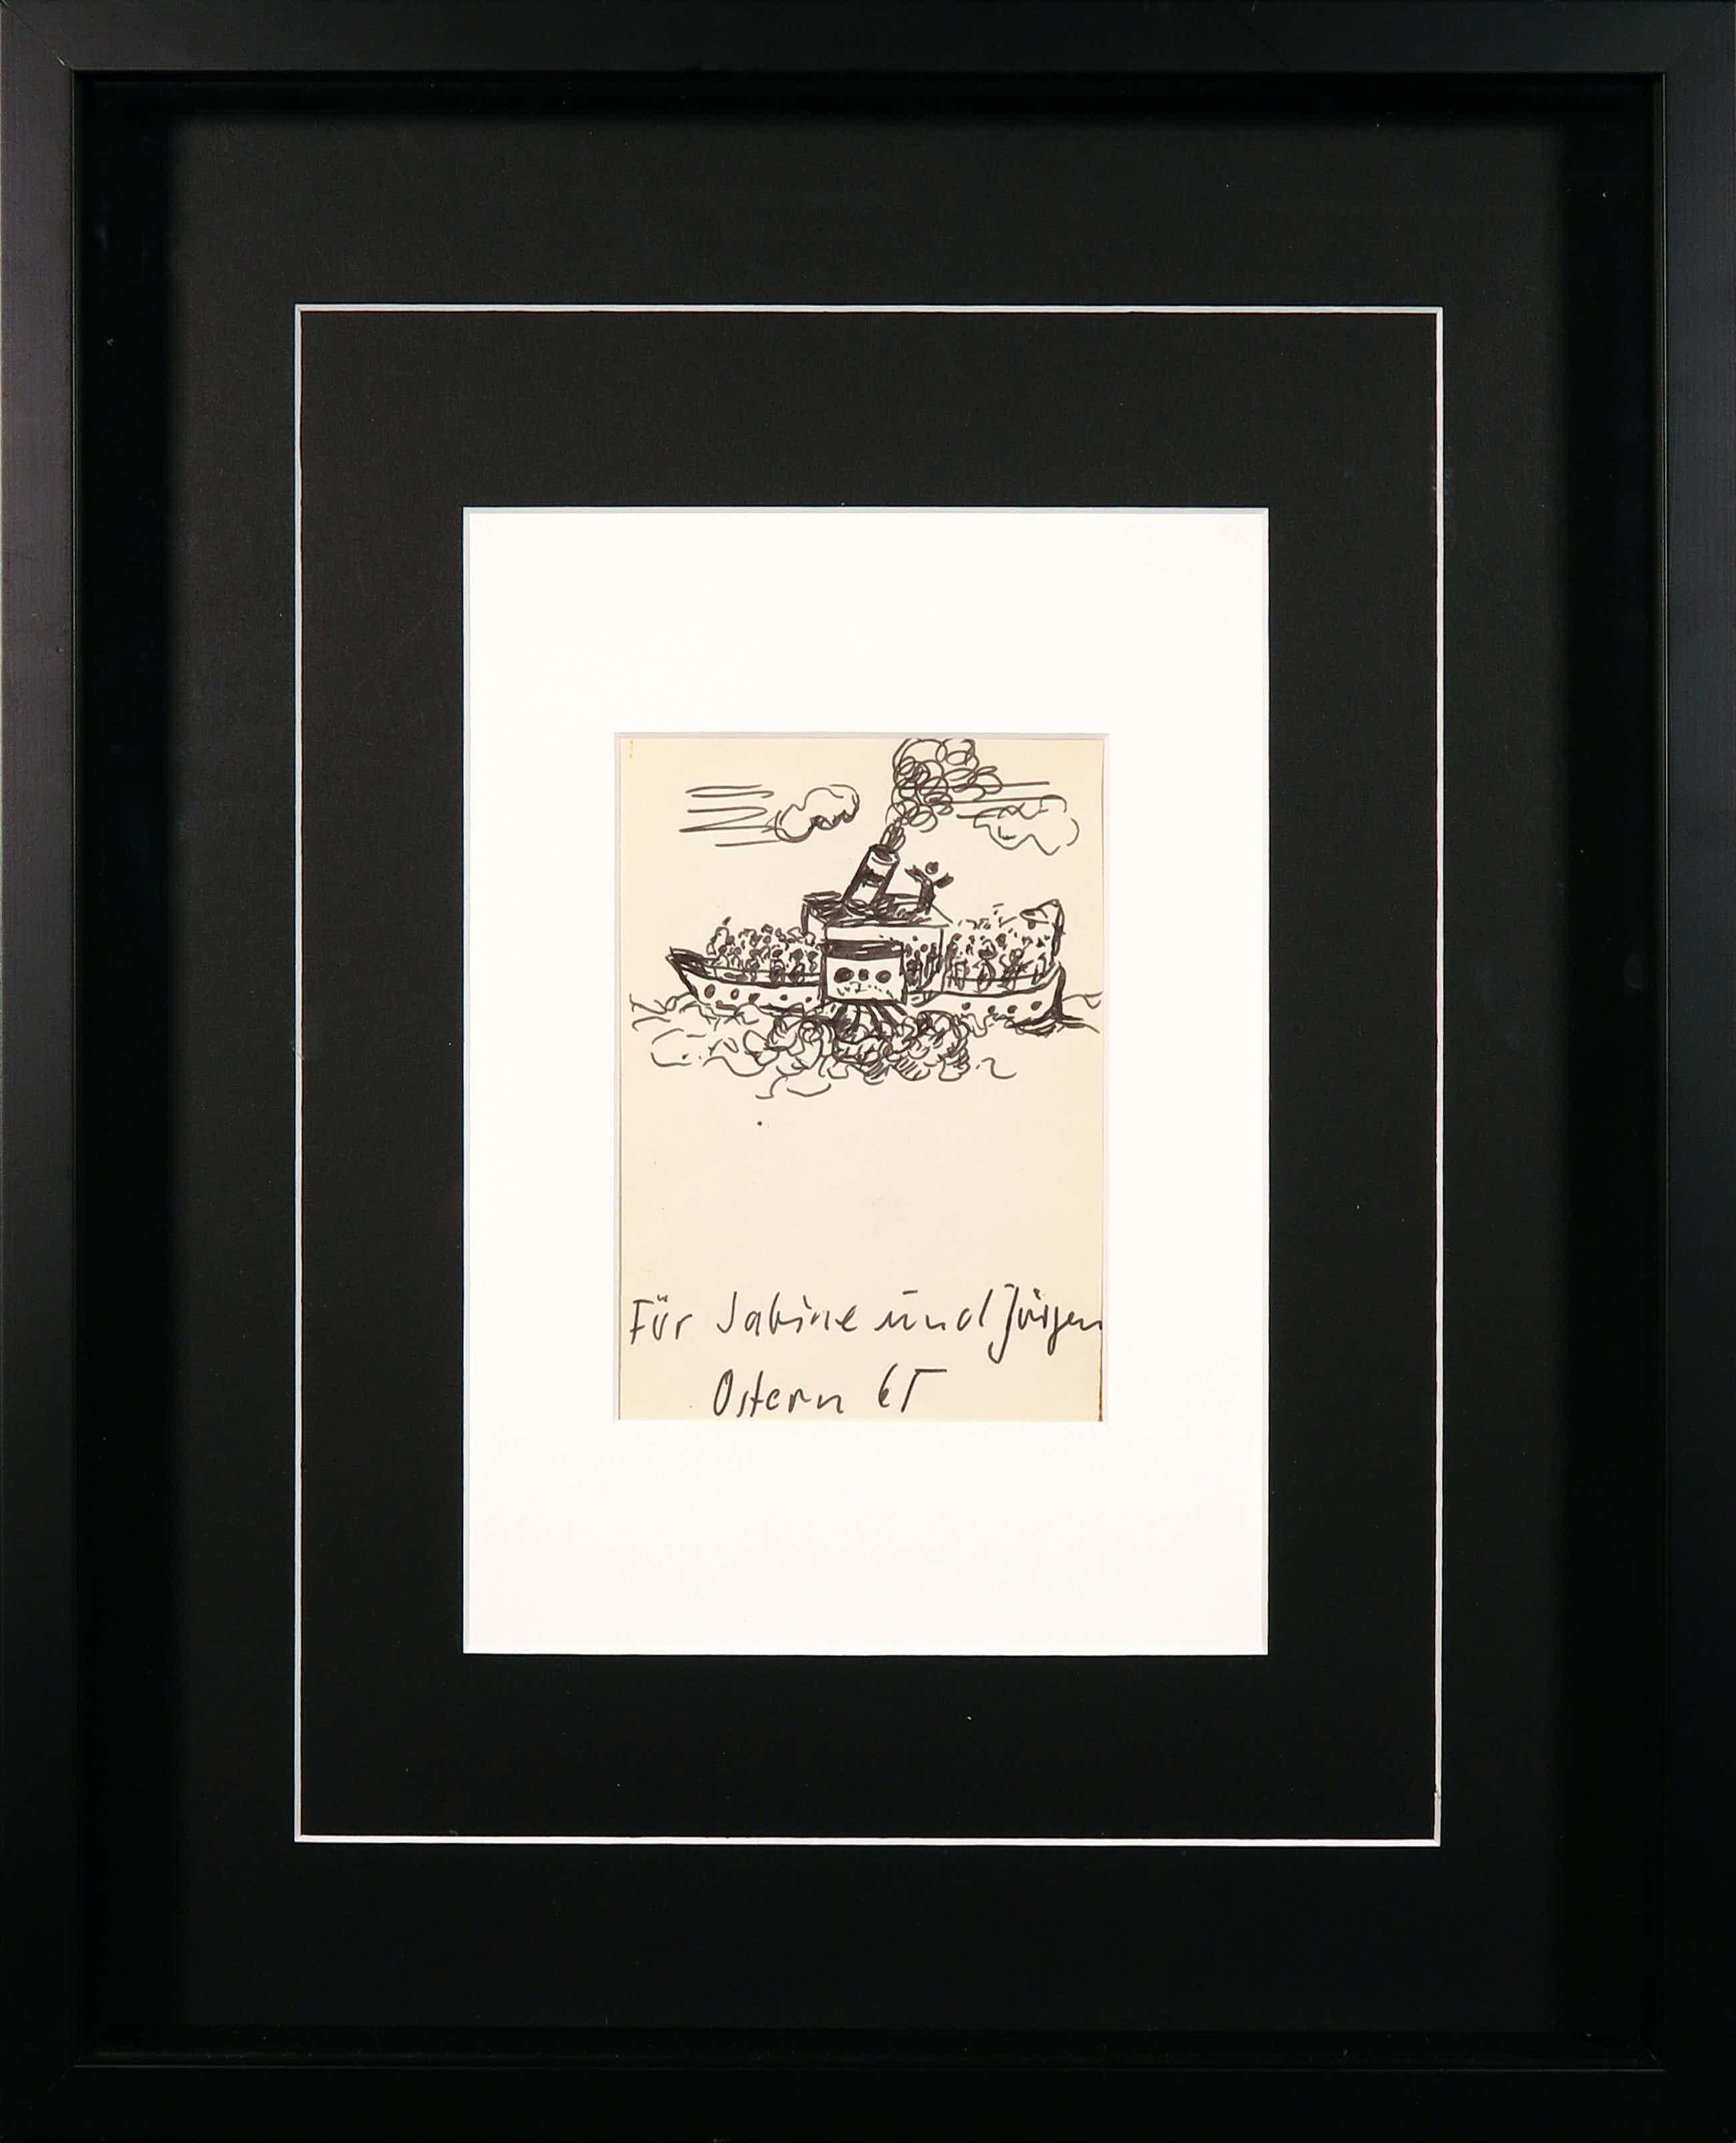 A.R. Penck - Tekening in viltstift, Für Sabine und Jürgen, Ostern '65 - Ingelijst kopen? Bied vanaf 160!